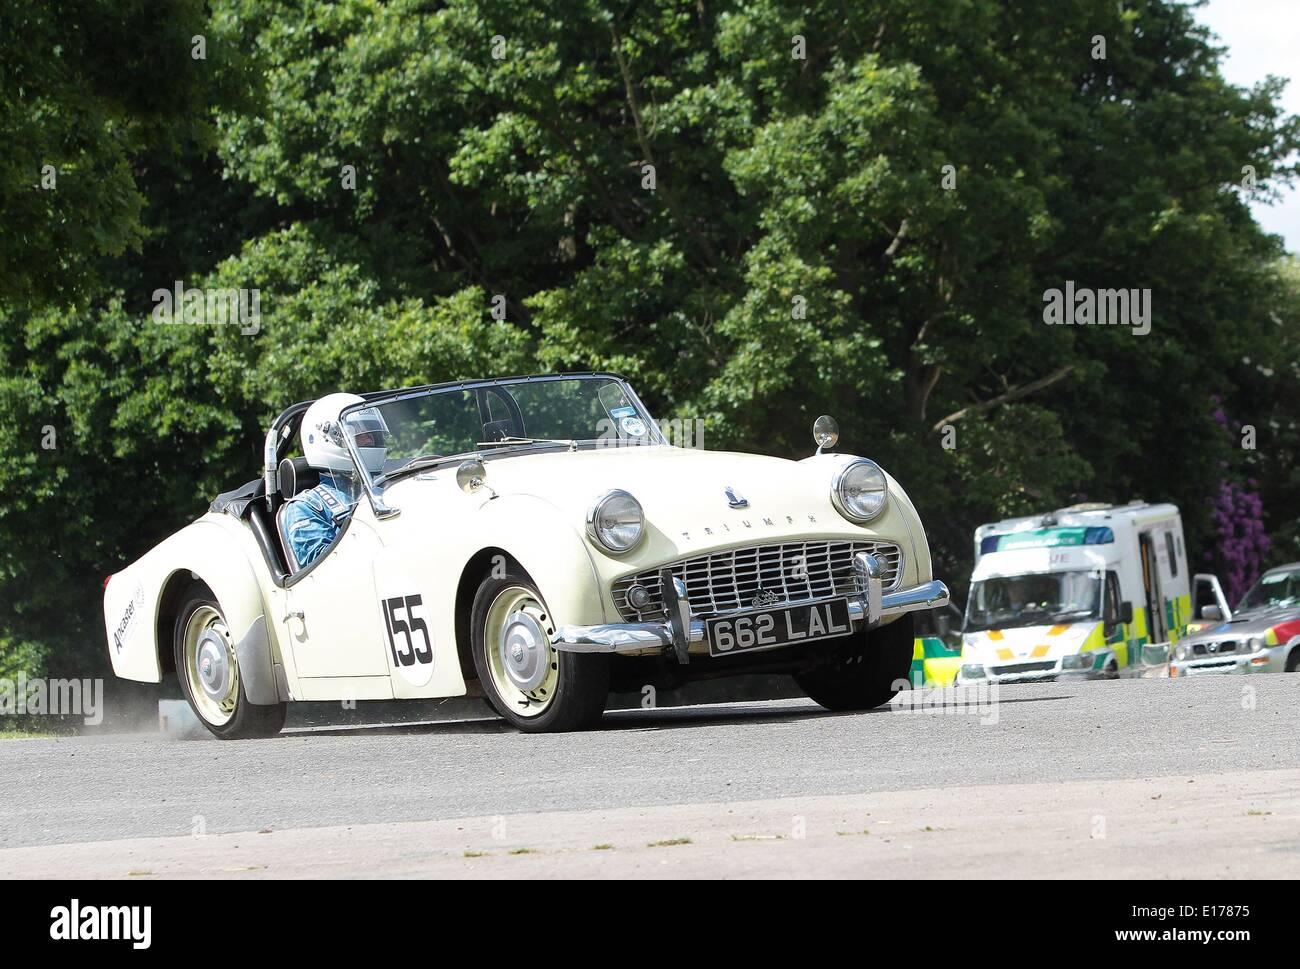 A concorrenti del 2014 Motor Sport presso il palazzo al Crystal Palace Park South London 25.05.2014 Immagini Stock